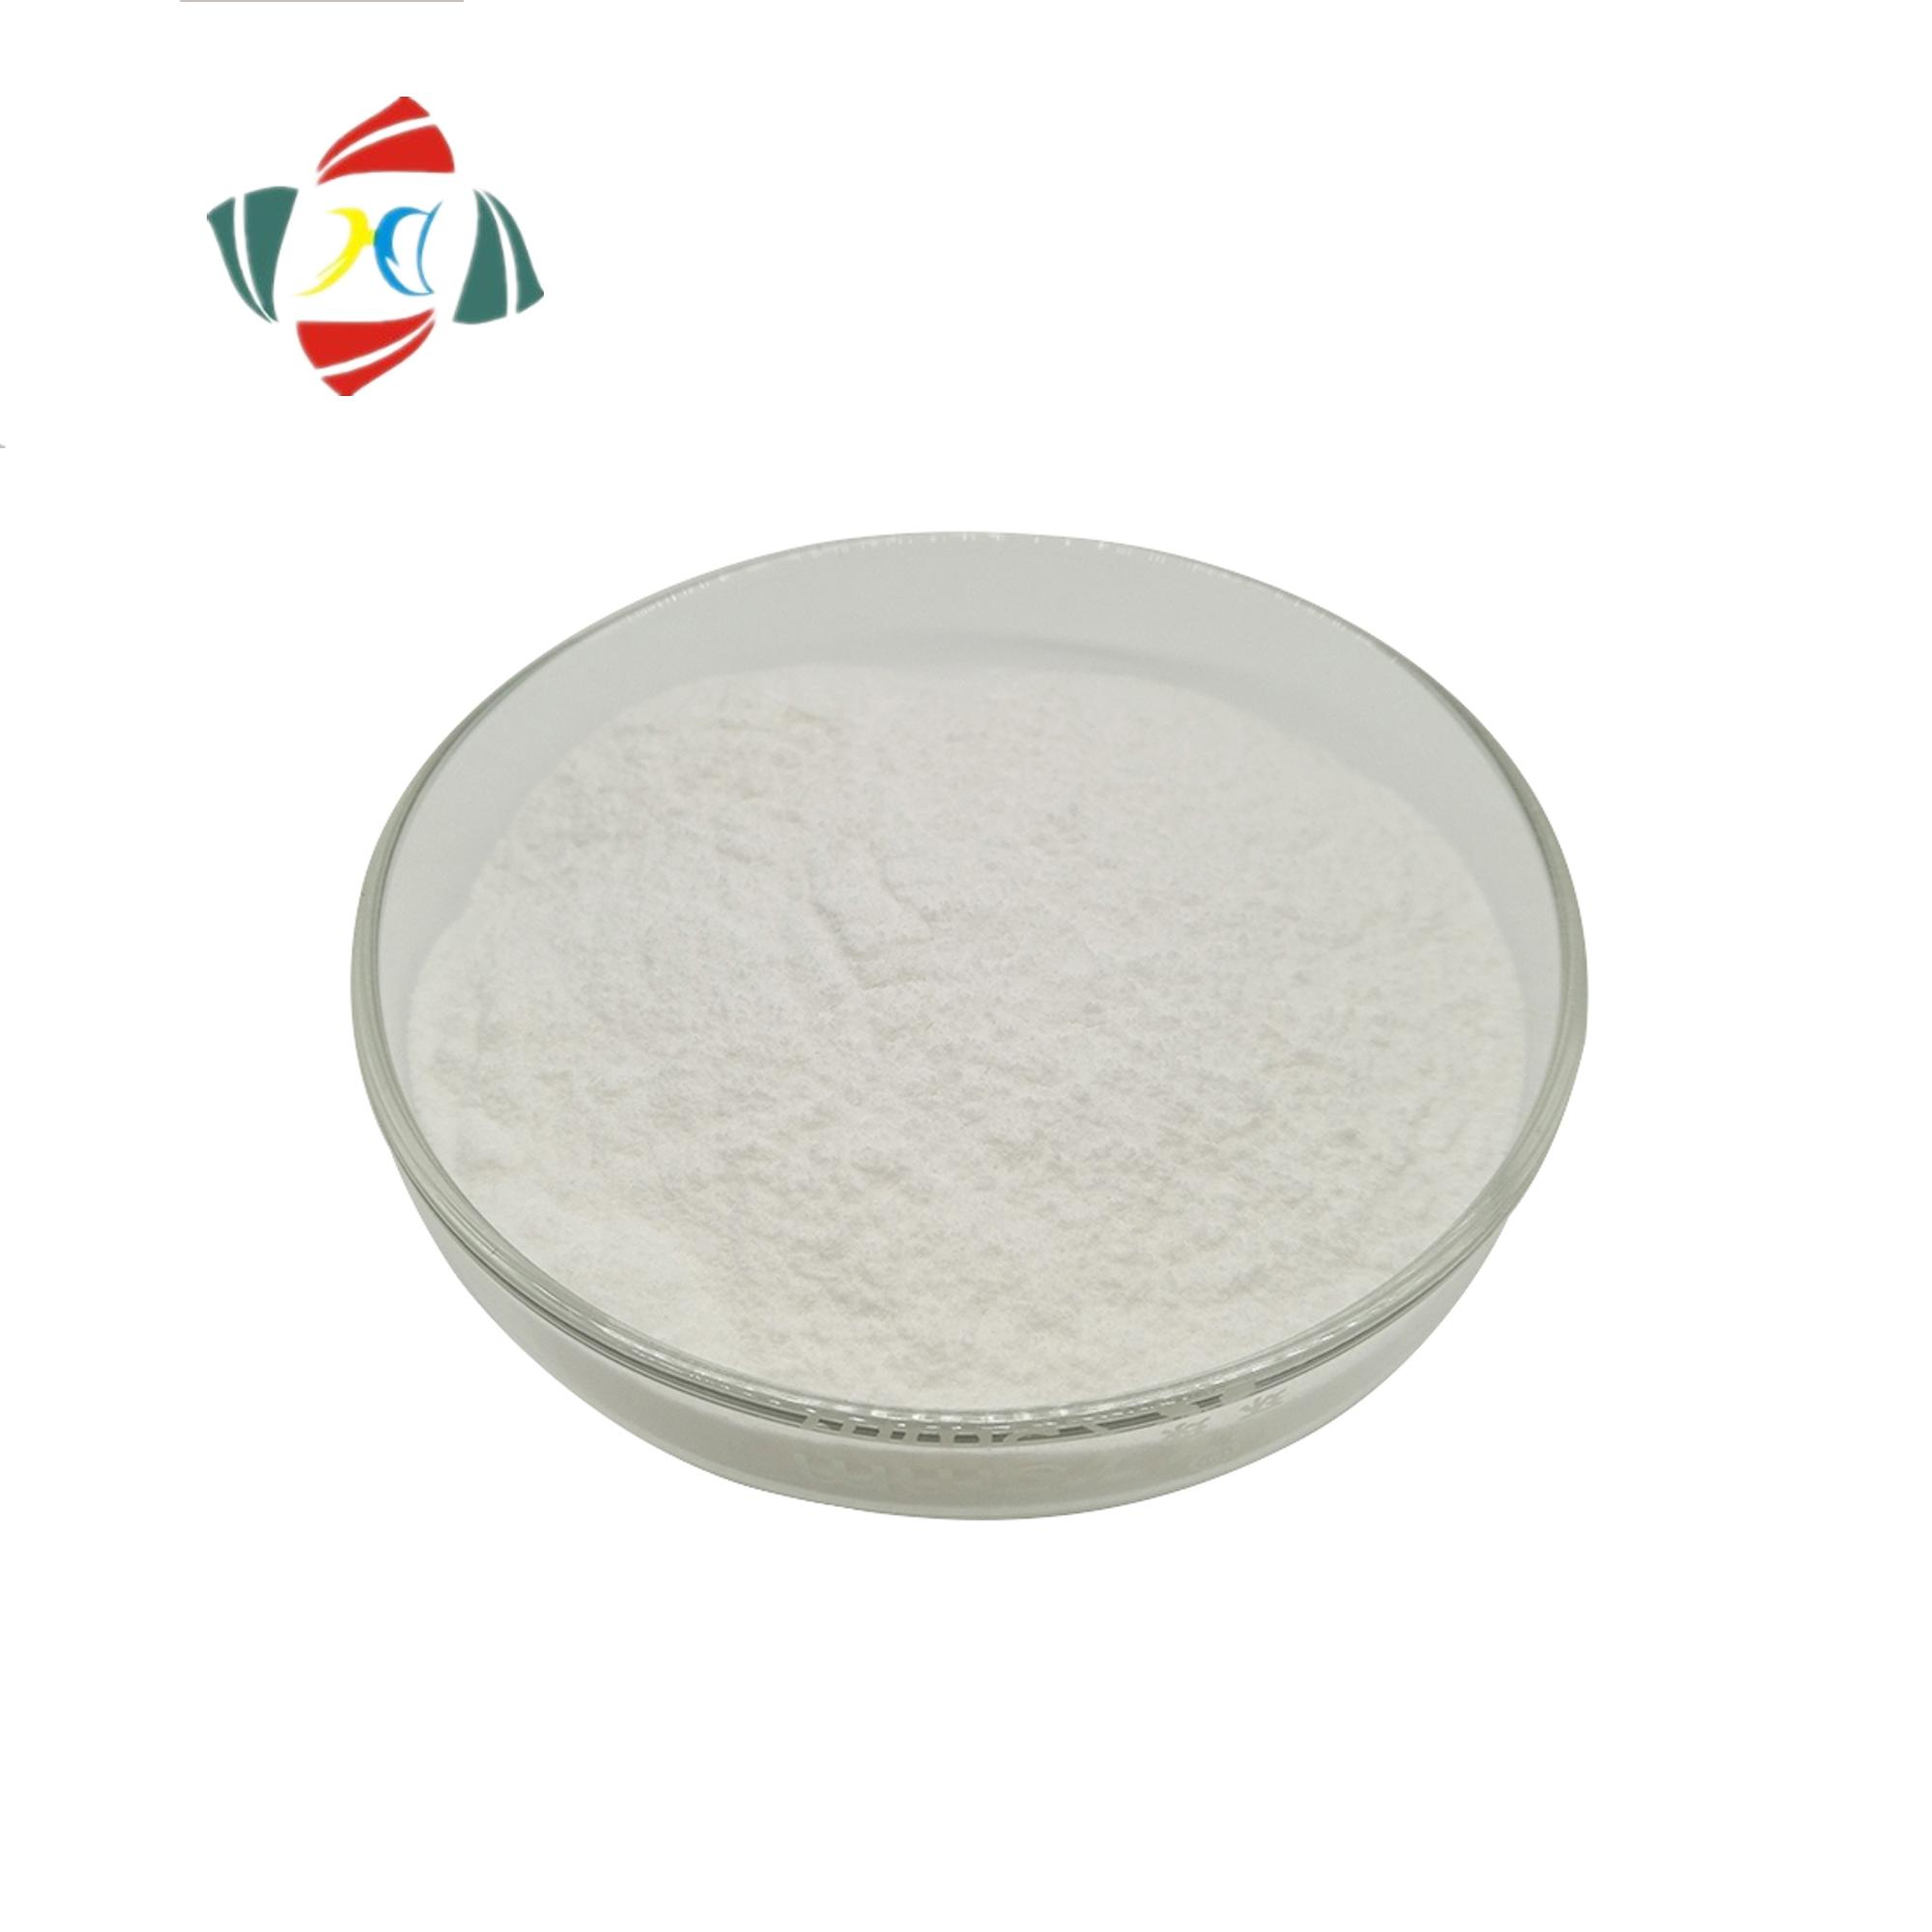 Vũ Hán HHD Sirolimus Rapamycin Chất Lượng Cao 99% CAS 53123-88-9